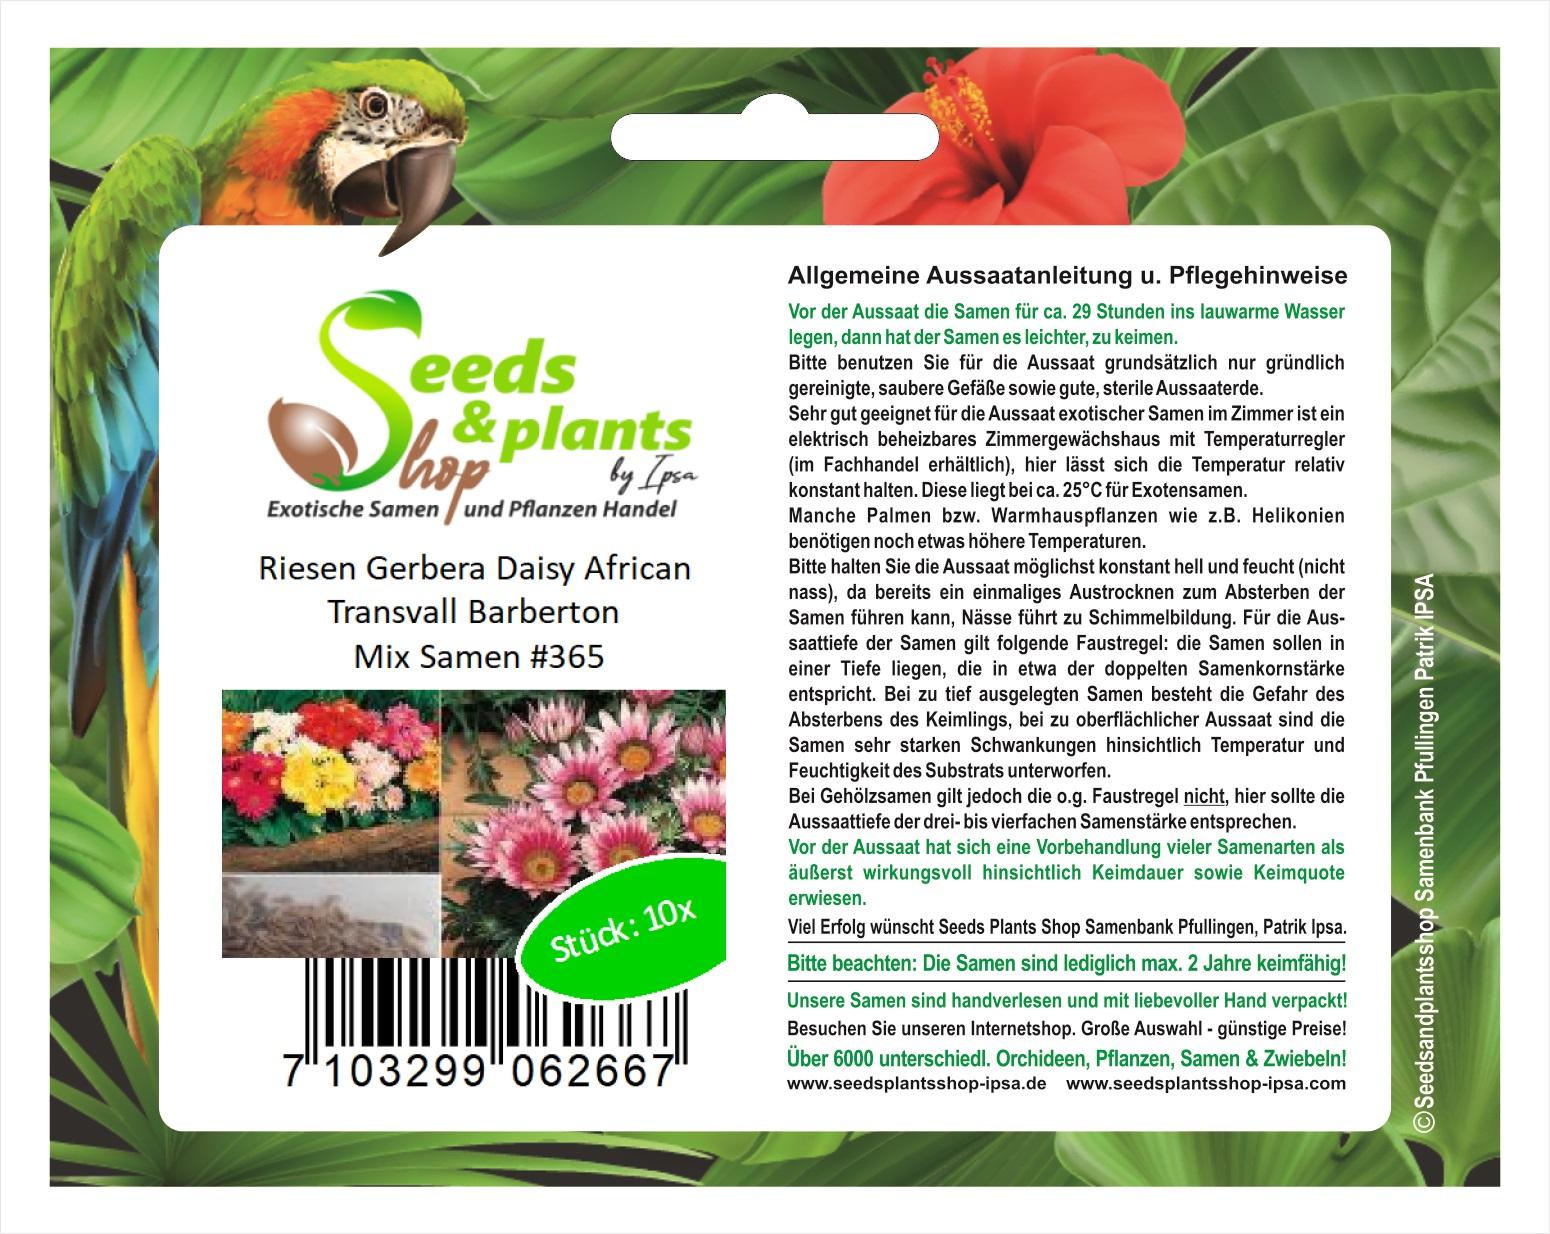 5000x Stroherröhre Wiesenblumen Mischung JÄHRLICH-Samen Garten Blume K367